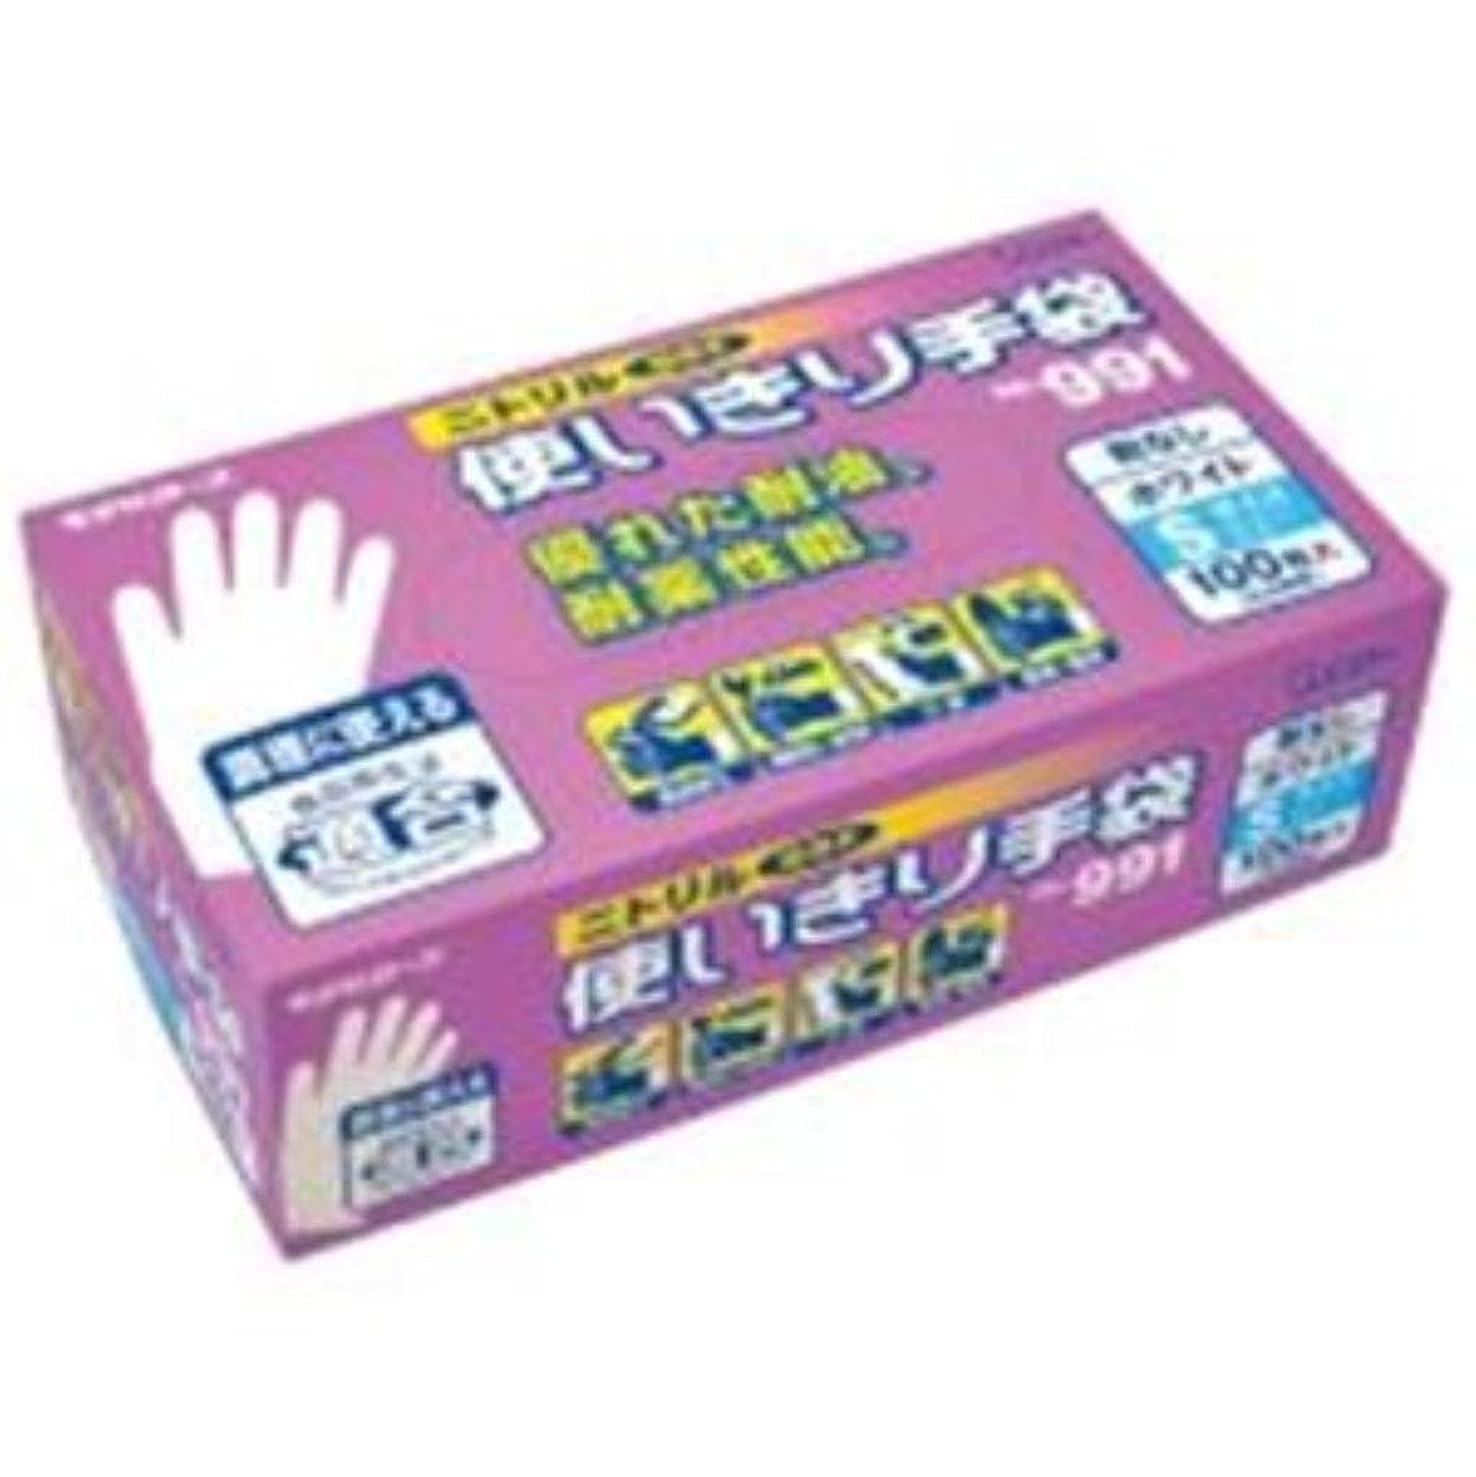 友情キャンディー慣性エステー ニトリル使切手袋粉無No.991ホワイトS 12箱